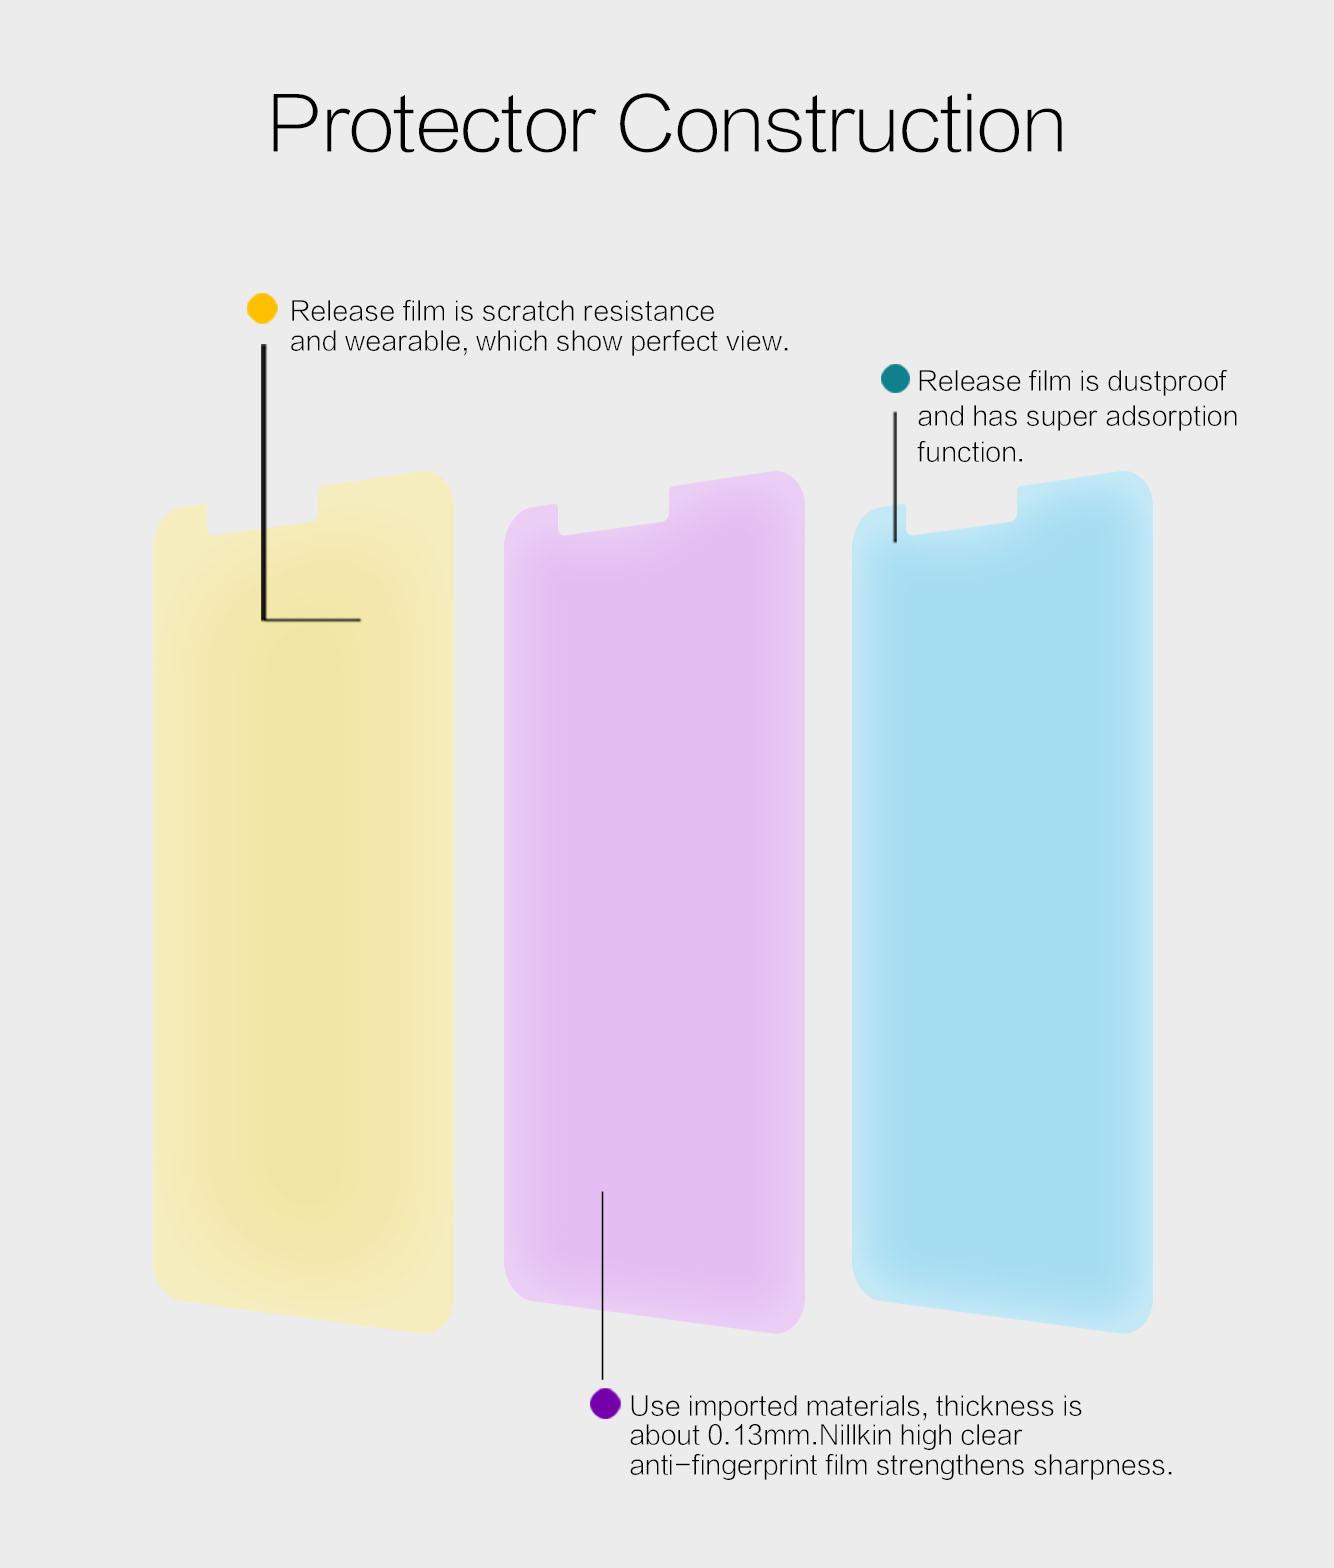 Google Pixel 4 XL screen protector